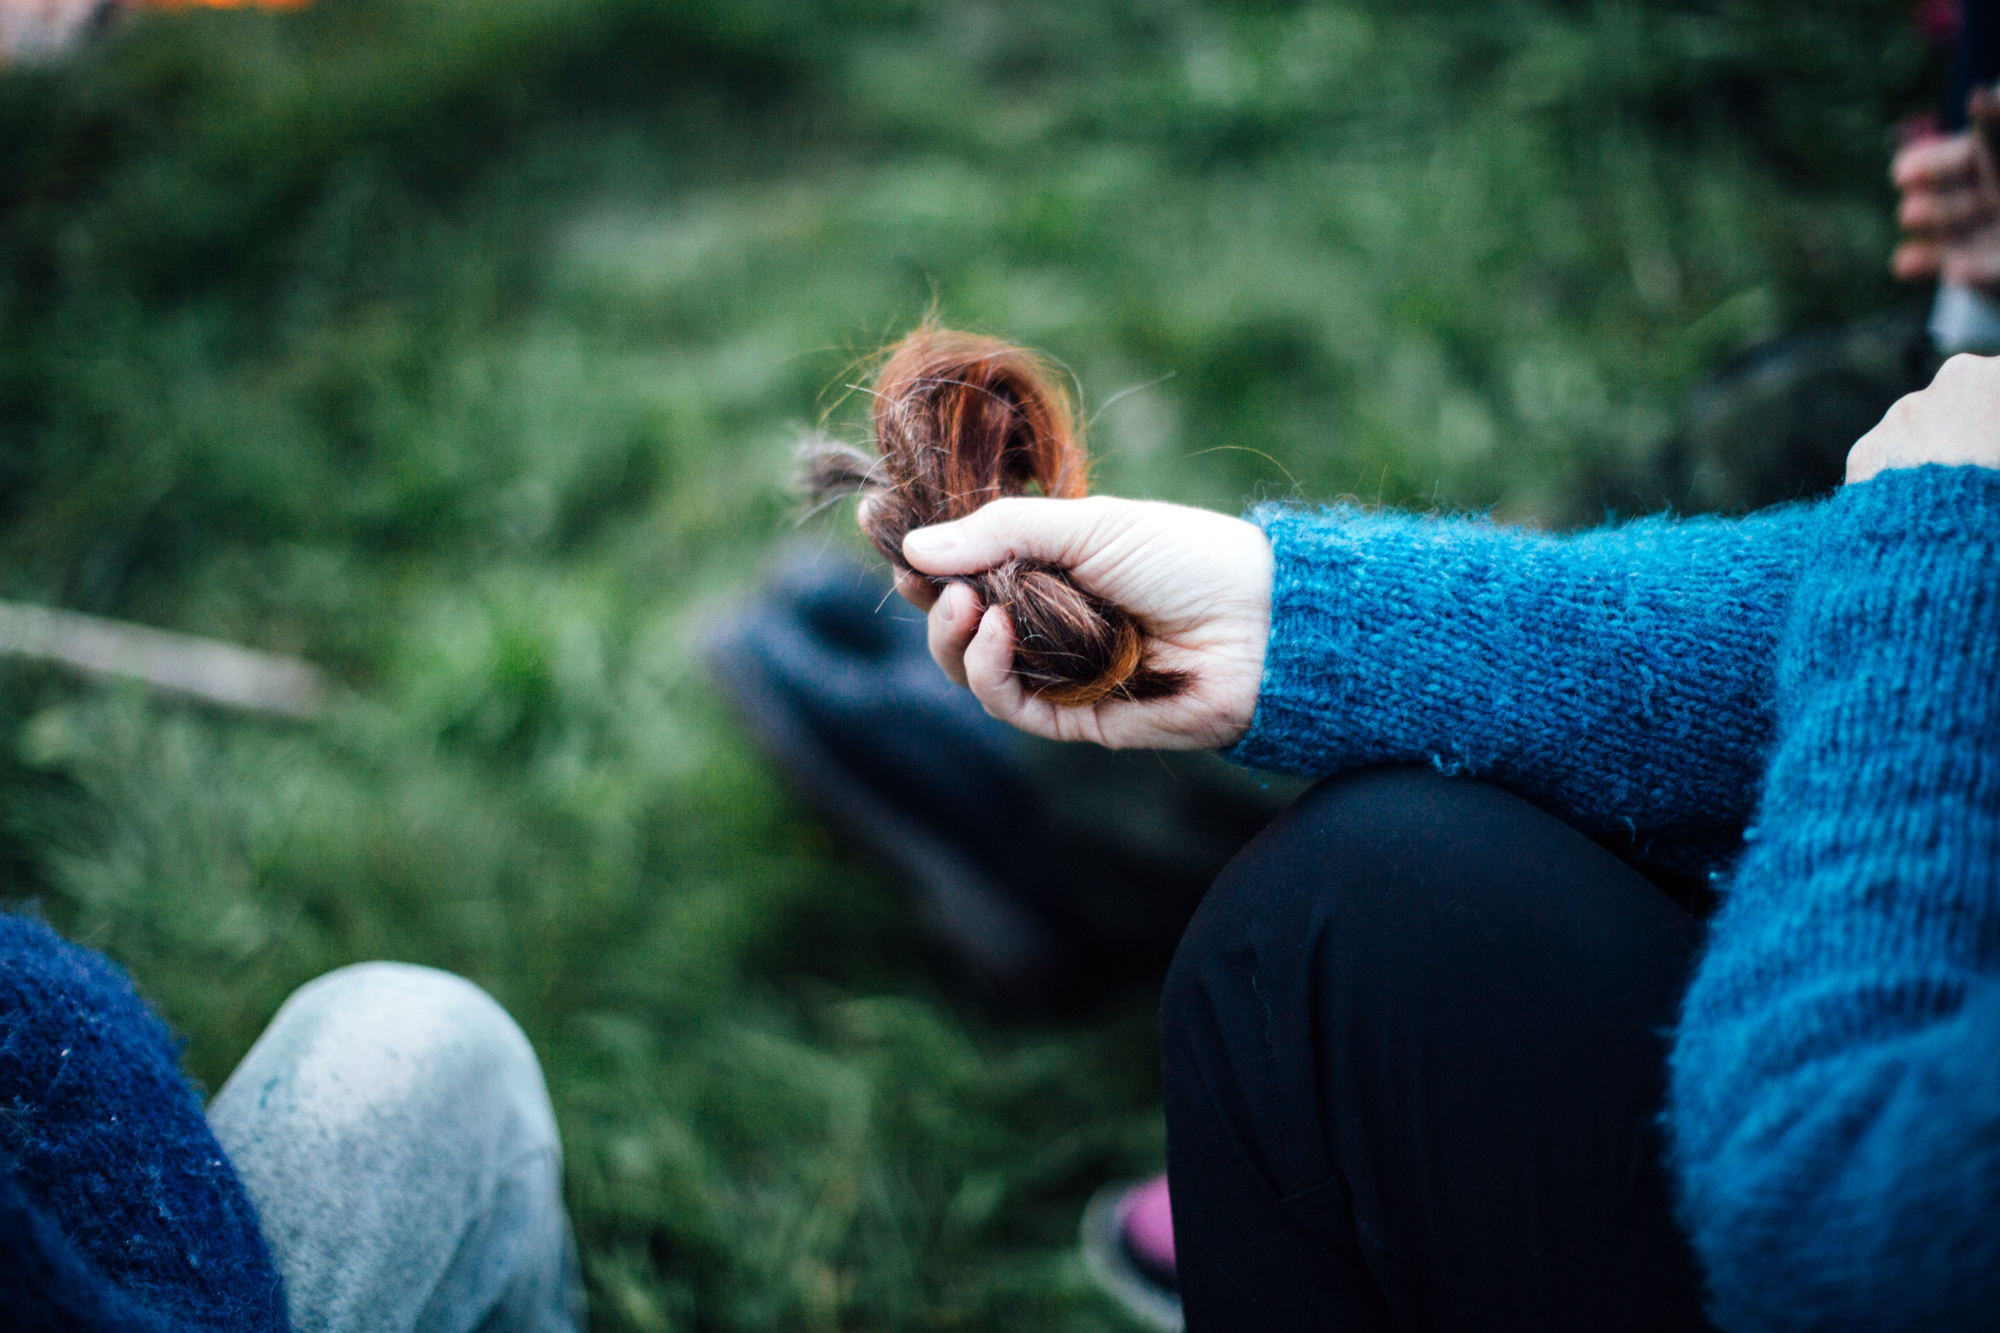 Maria og håret-191.jpg